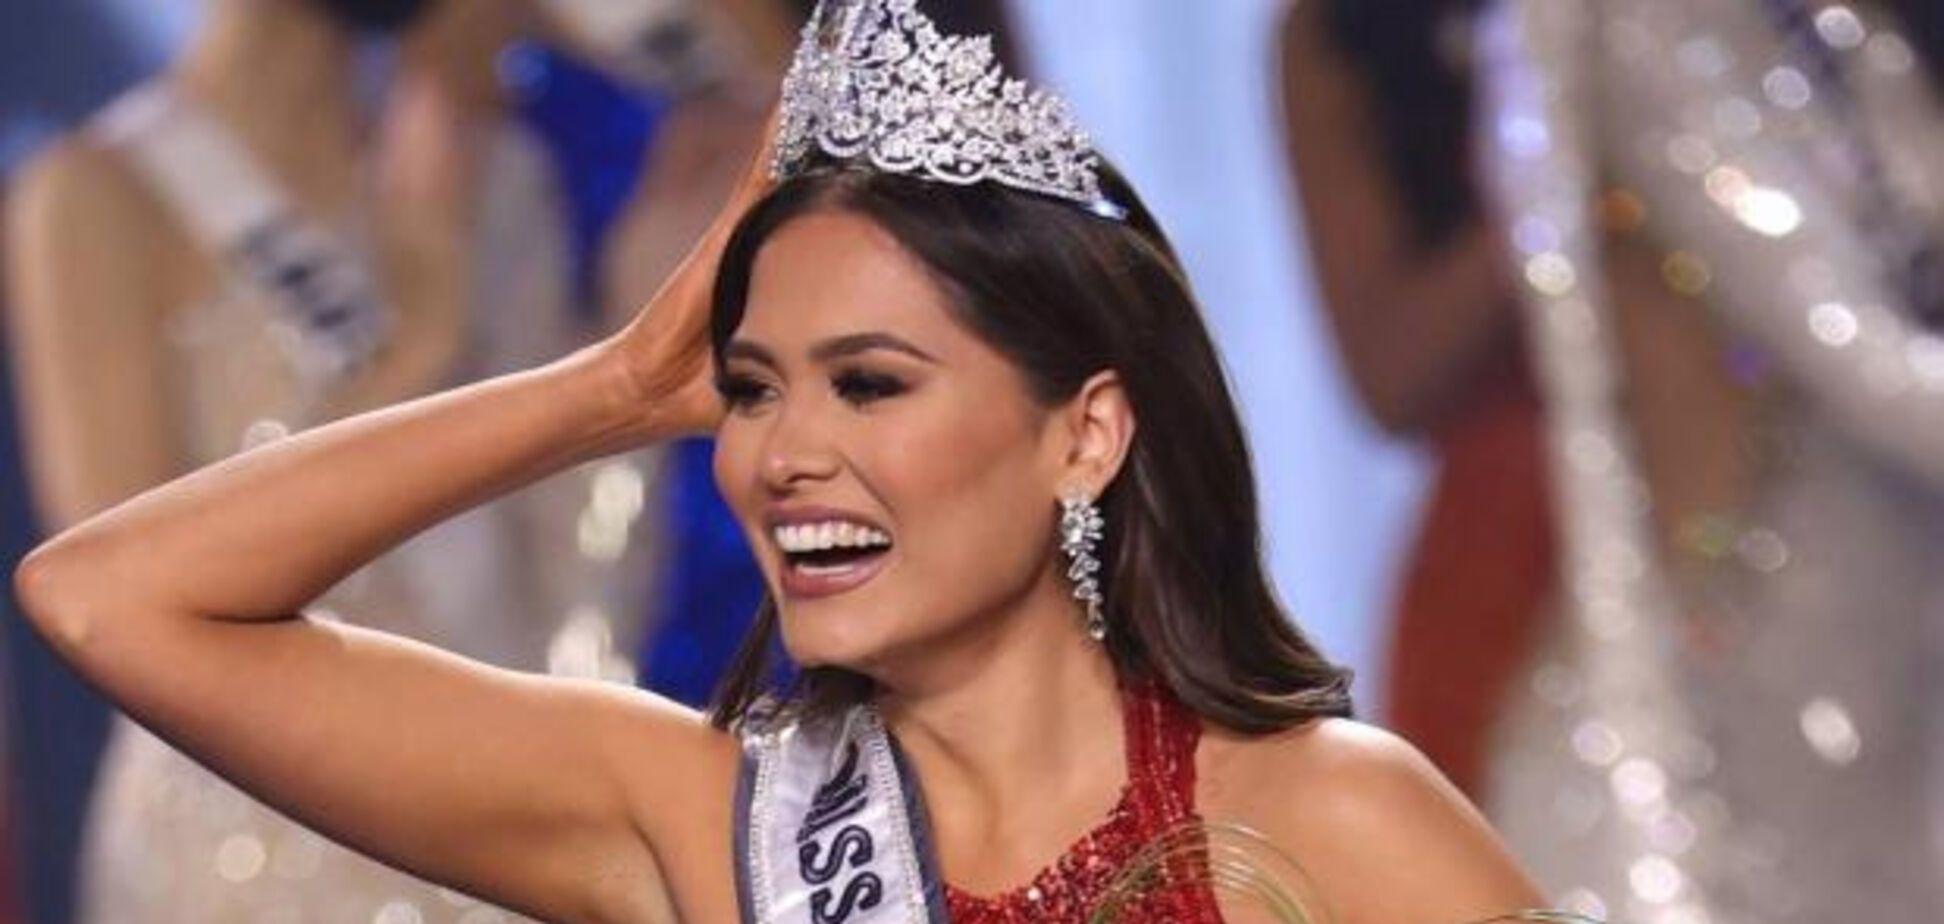 'Міс Всесвіт-2021': хто переміг у конкурсі краси